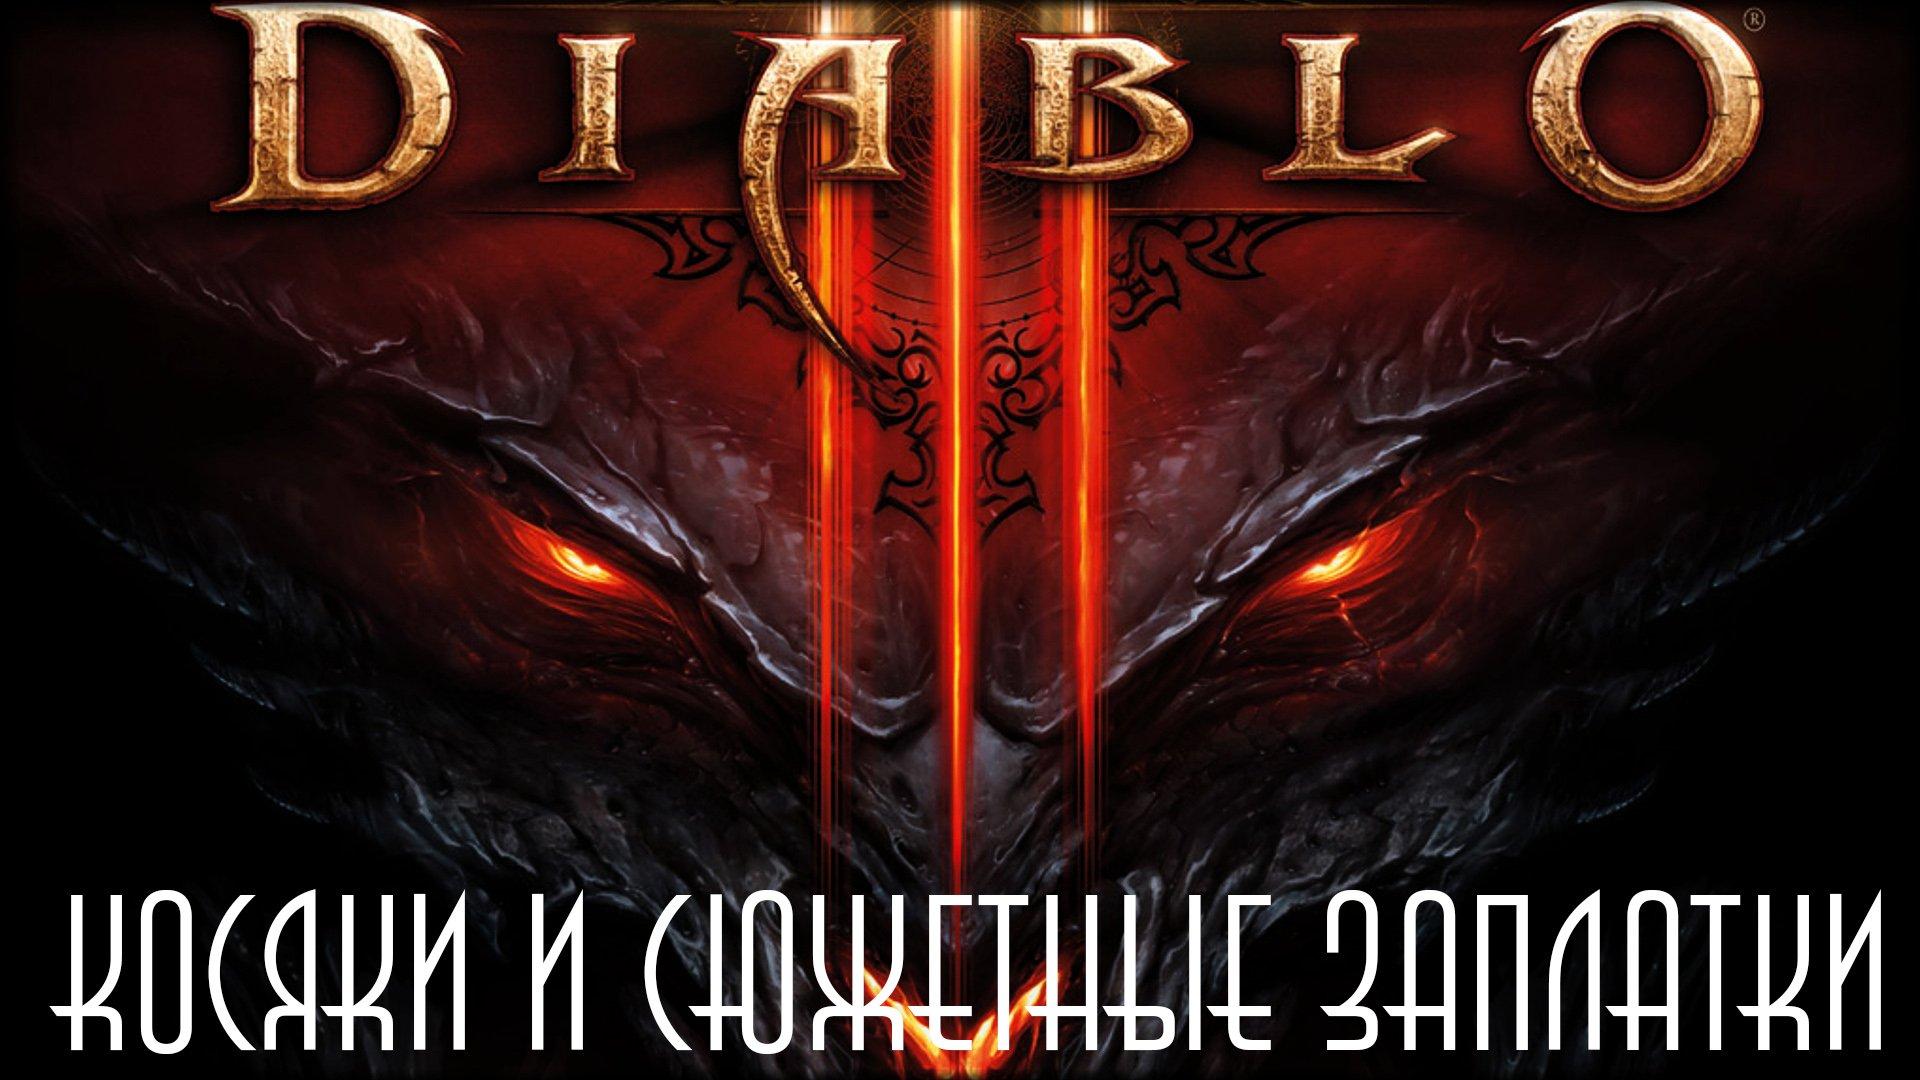 █ Прости, Отец, мы профукали Diablo 3 █ Часть 4 █ Финал - Изображение 1